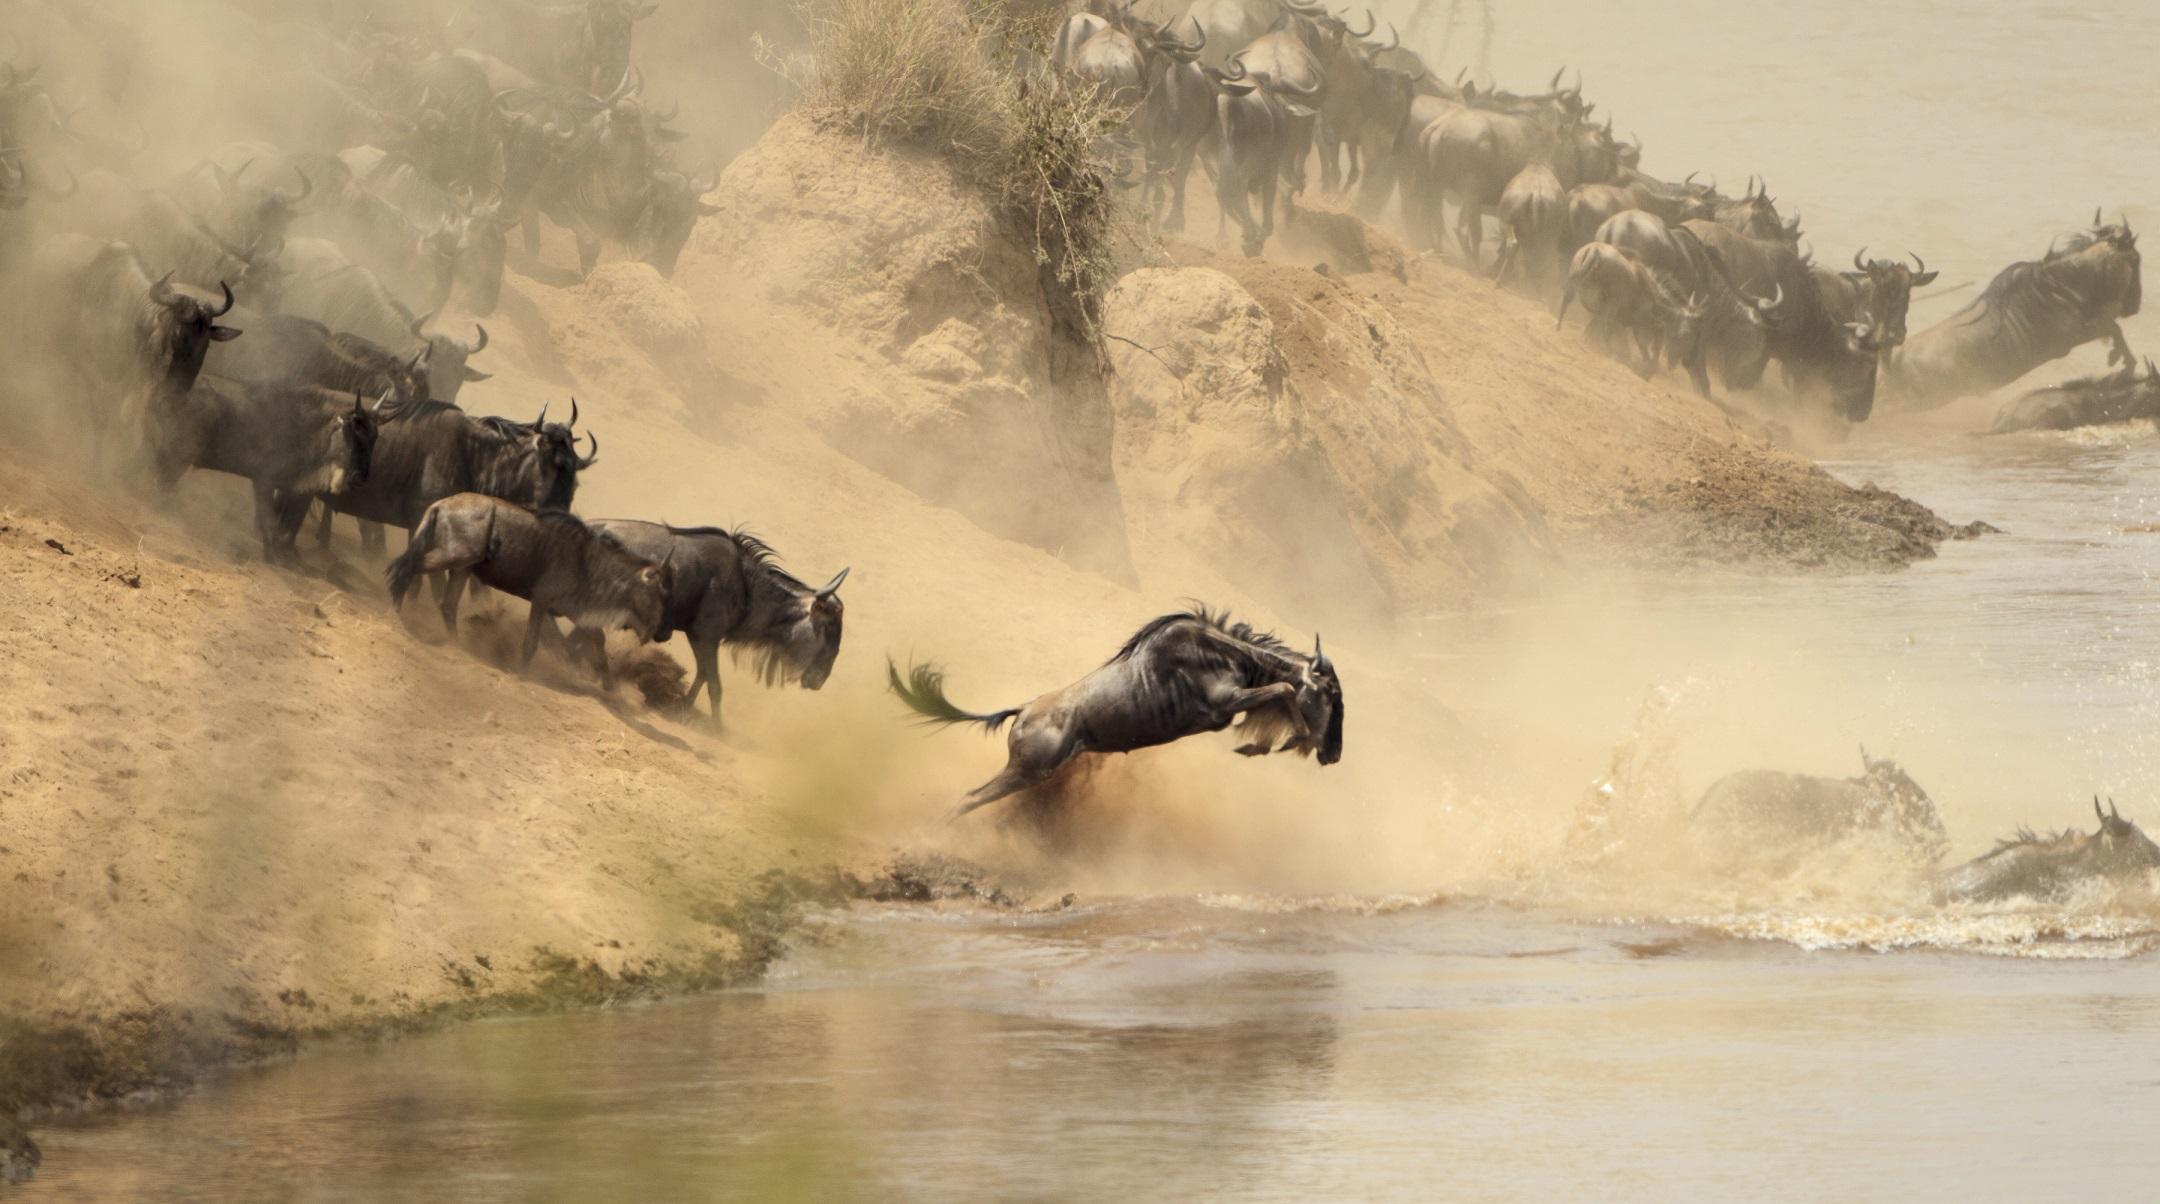 Wildebeest in Kenya